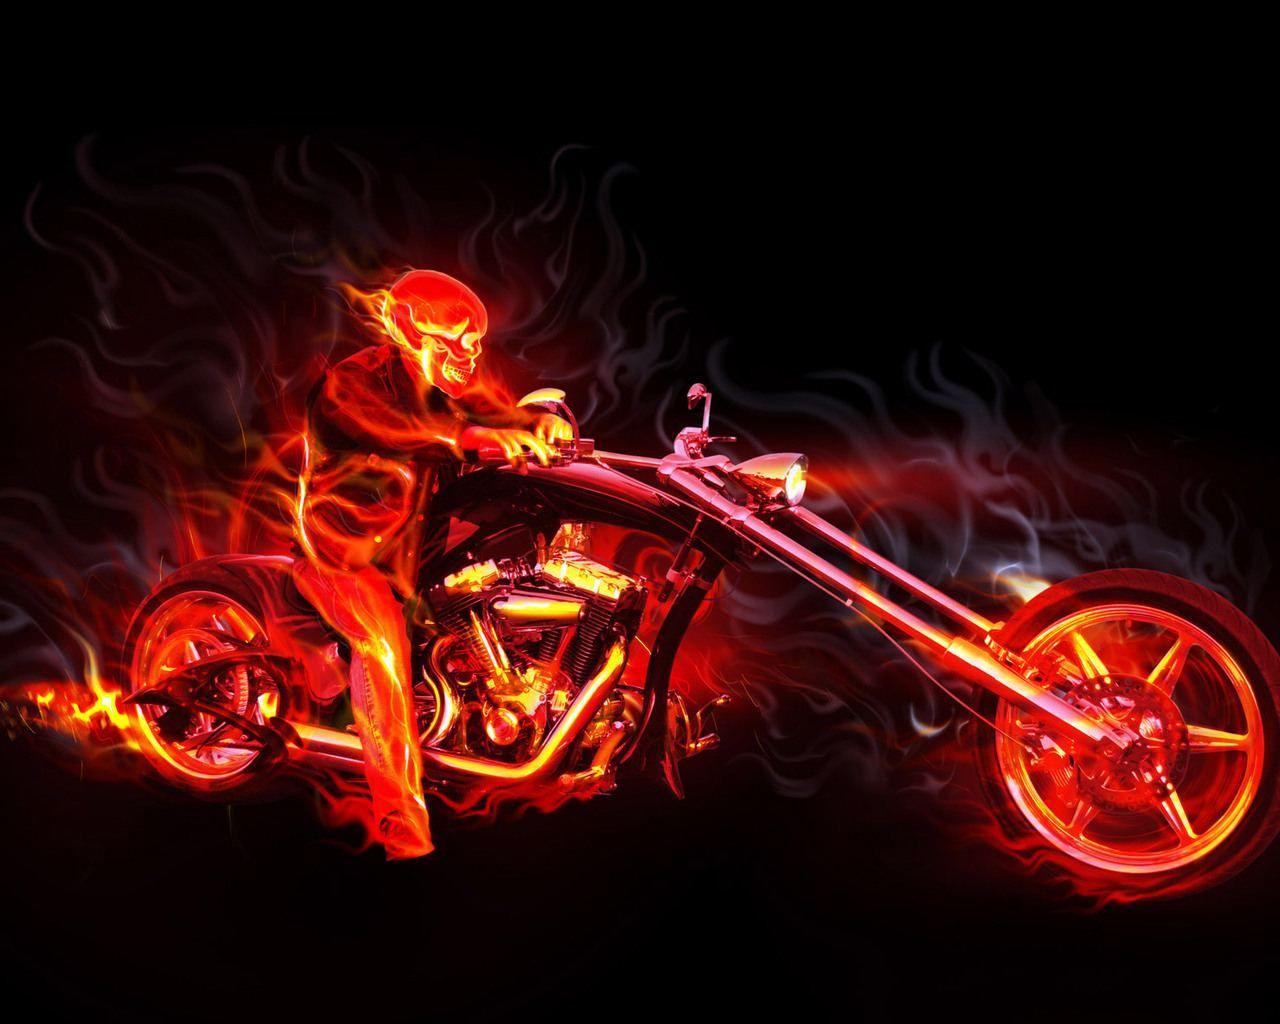 Ghost Rider Hd Wallpaper 999hdwallpaper Motorista Fantasma Ghost Rider Johnny Blaze